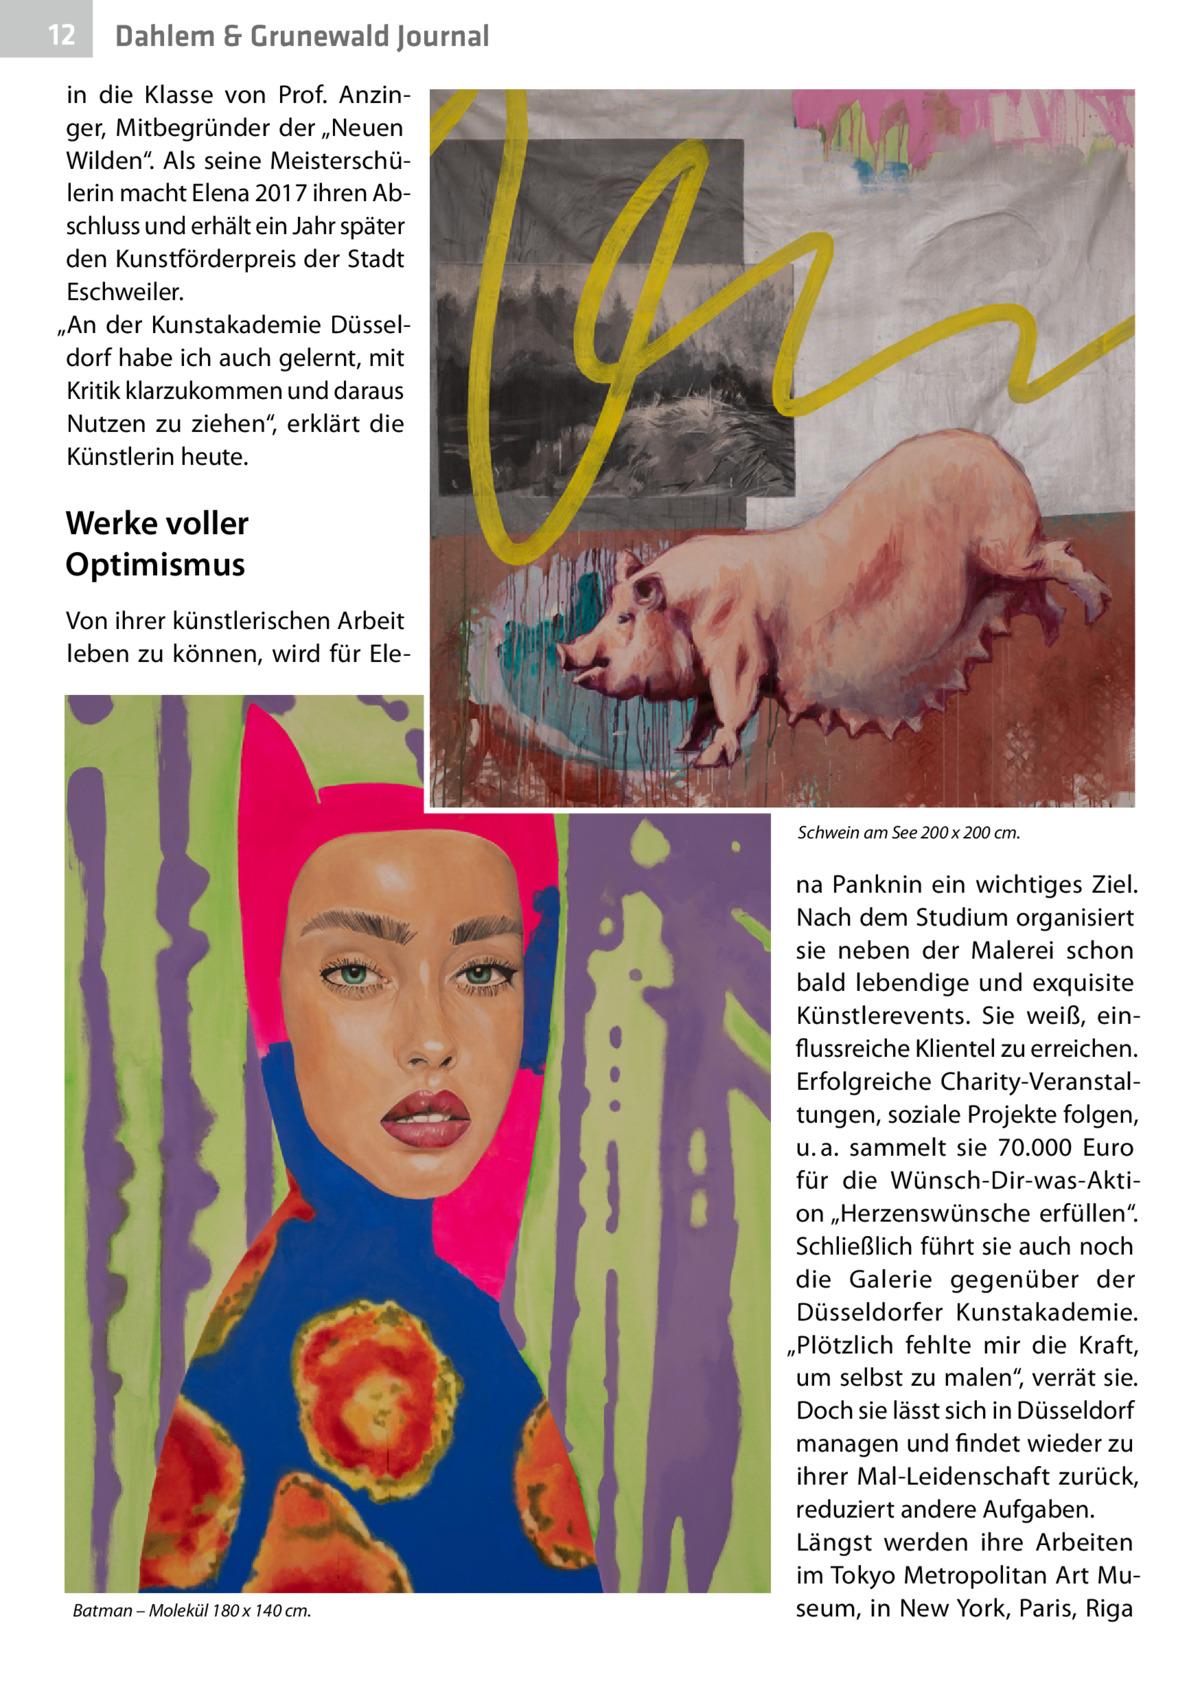 """12  Dahlem & Grunewald Journal  in die Klasse von Prof. Anzinger, Mitbegründer der """"Neuen Wilden"""". Als seine Meisterschülerin macht Elena 2017 ihren Abschluss und erhält ein Jahr später den Kunstförderpreis der Stadt Eschweiler. """"An der Kunstakademie Düsseldorf habe ich auch gelernt, mit Kritik klarzukommen und daraus Nutzen zu ziehen"""", erklärt die Künstlerin heute.  Werke voller Optimismus Von ihrer künstlerischen Arbeit leben zu können, wird für Ele Schwein am See 200 x 200cm.  Batman – Molekül 180 x 140cm.  na Panknin ein wichtiges Ziel. Nach dem Studium organisiert sie neben der Malerei schon bald lebendige und exquisite Künstlerevents. Sie weiß, einflussreiche Klientel zu erreichen. Erfolgreiche Charity-Veranstaltungen, soziale Projekte folgen, u.a. sammelt sie 70.000 Euro für die Wünsch-Dir-was-Aktion """"Herzenswünsche erfüllen"""". Schließlich führt sie auch noch die Galerie gegenüber der Düsseldorfer Kunstakademie. """"Plötzlich fehlte mir die Kraft, um selbst zu malen"""", verrät sie. Doch sie lässt sich in Düsseldorf managen und findet wieder zu ihrer Mal-Leidenschaft zurück, reduziert andere Aufgaben. Längst werden ihre Arbeiten im Tokyo Metropolitan Art Museum, in New York, Paris, Riga"""